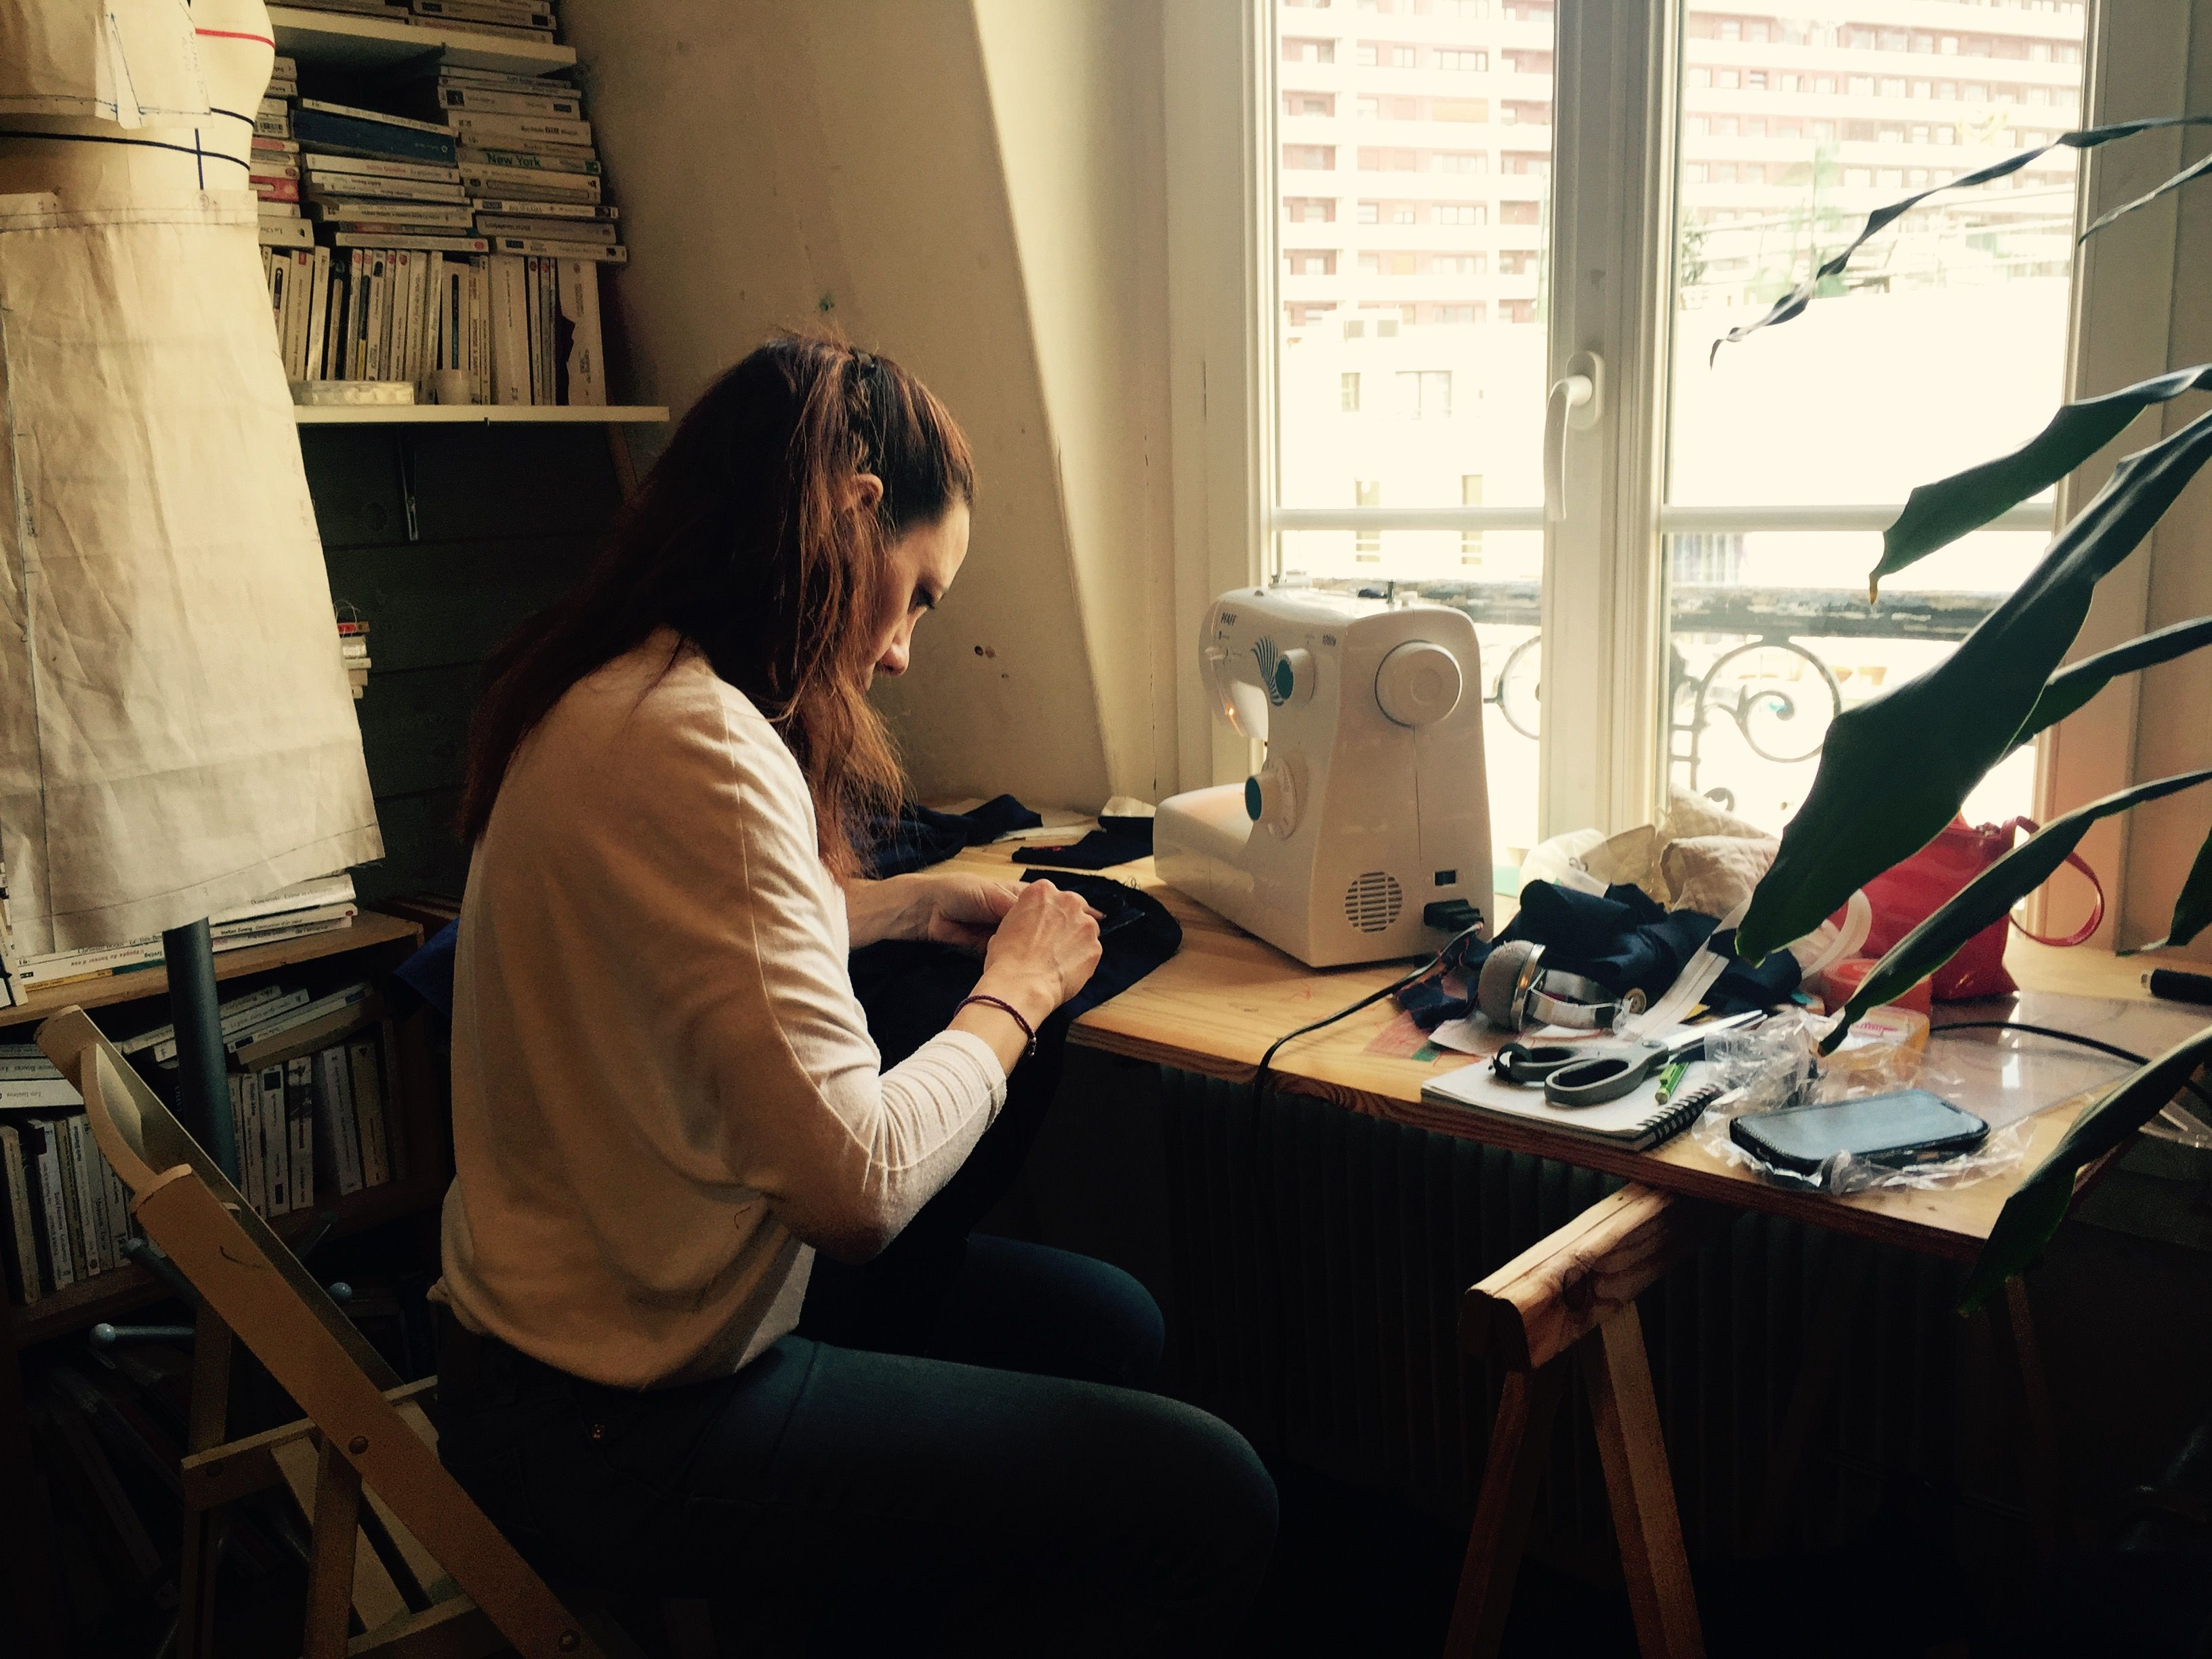 Cours de couture à la charmante manufacture #couture #diy #cours #stage #paris #débutant #perfectionnement #creation #modeparis #fairesoimeme #lacharmantemanufacture www.facebook.com/lacharmantemanufacture